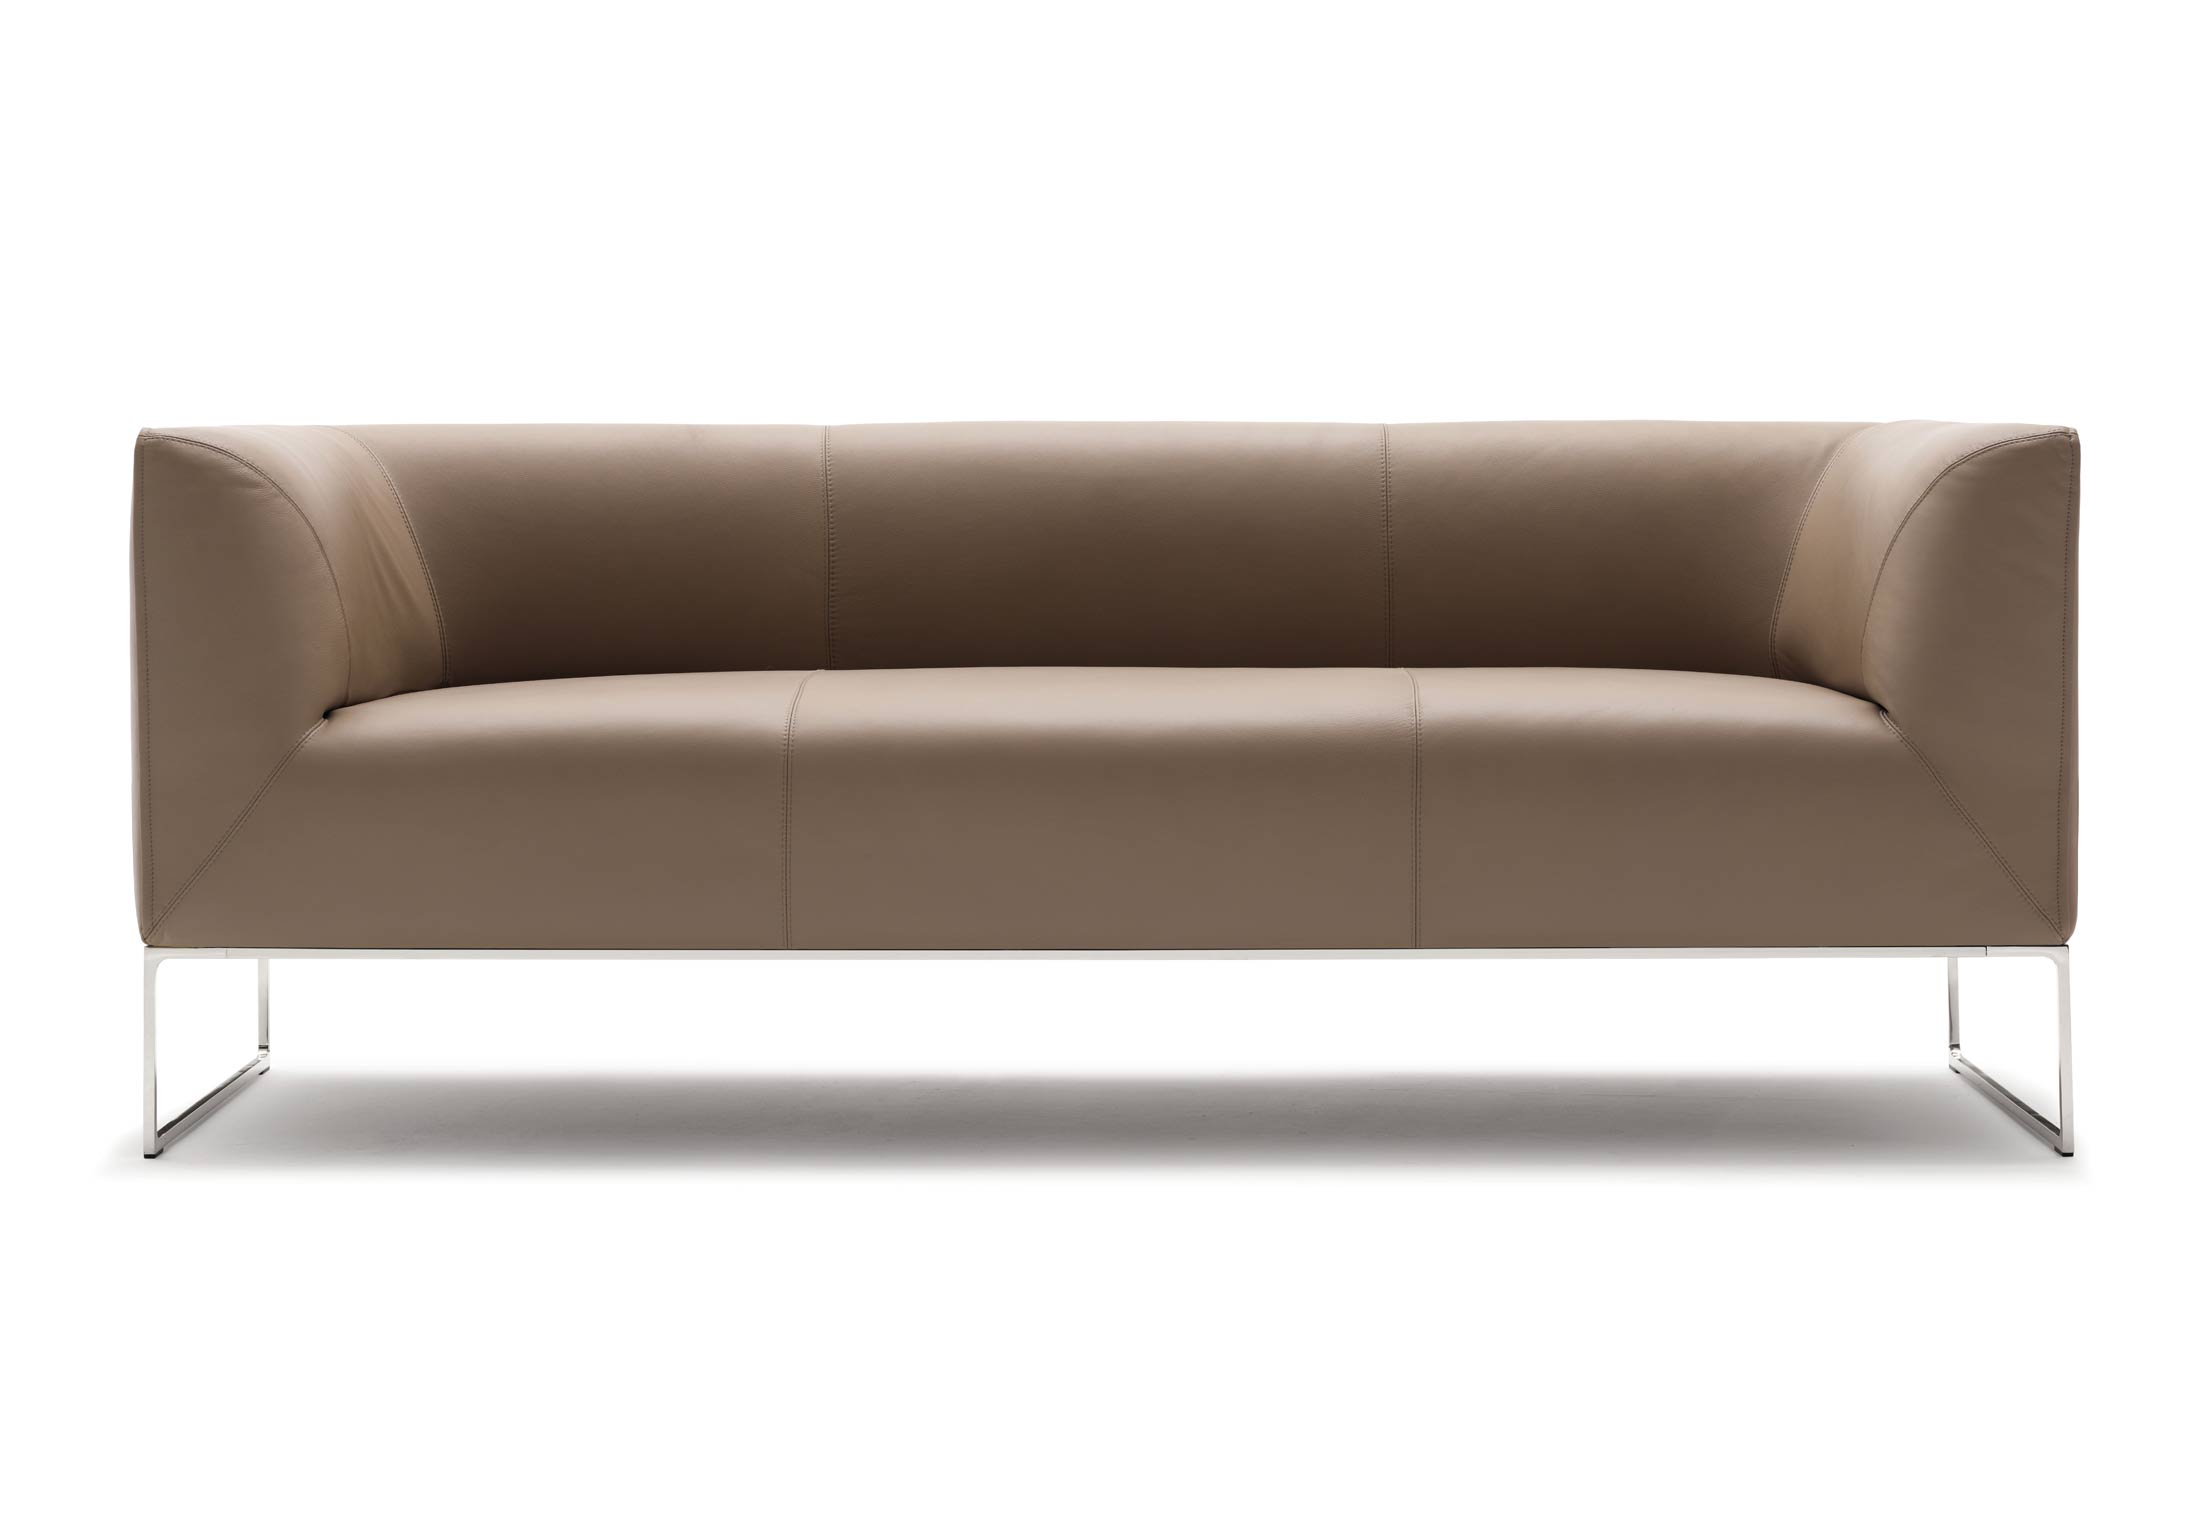 Mell sofa by COR | STYLEPARK